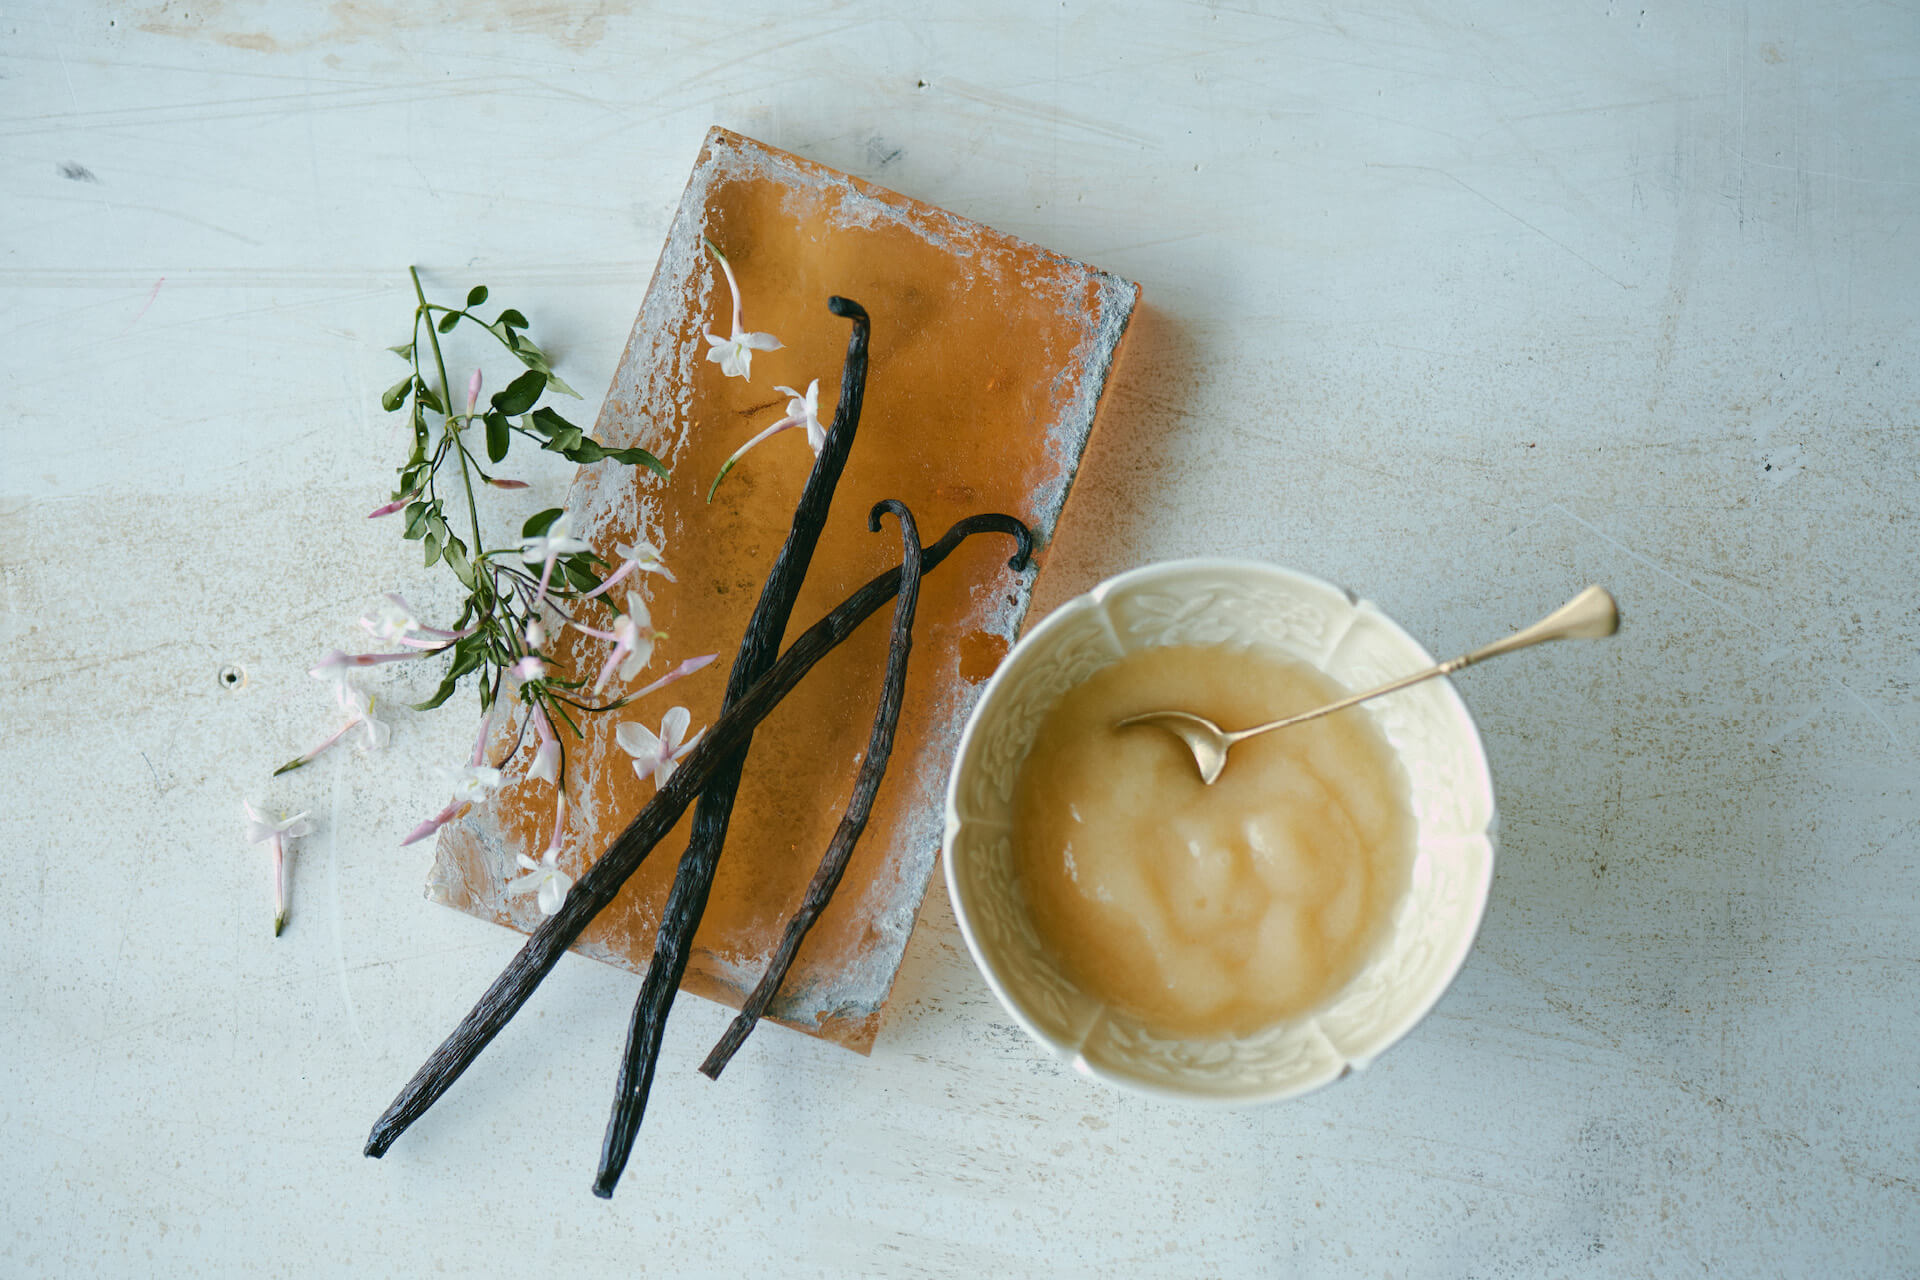 Mr. CHEESECAKEの初夏限定フレーバー「Mr. CHEESECAKE Royal Jasmine」が2日間限定で発売決定! gourmet210609_mrcheesecake_2